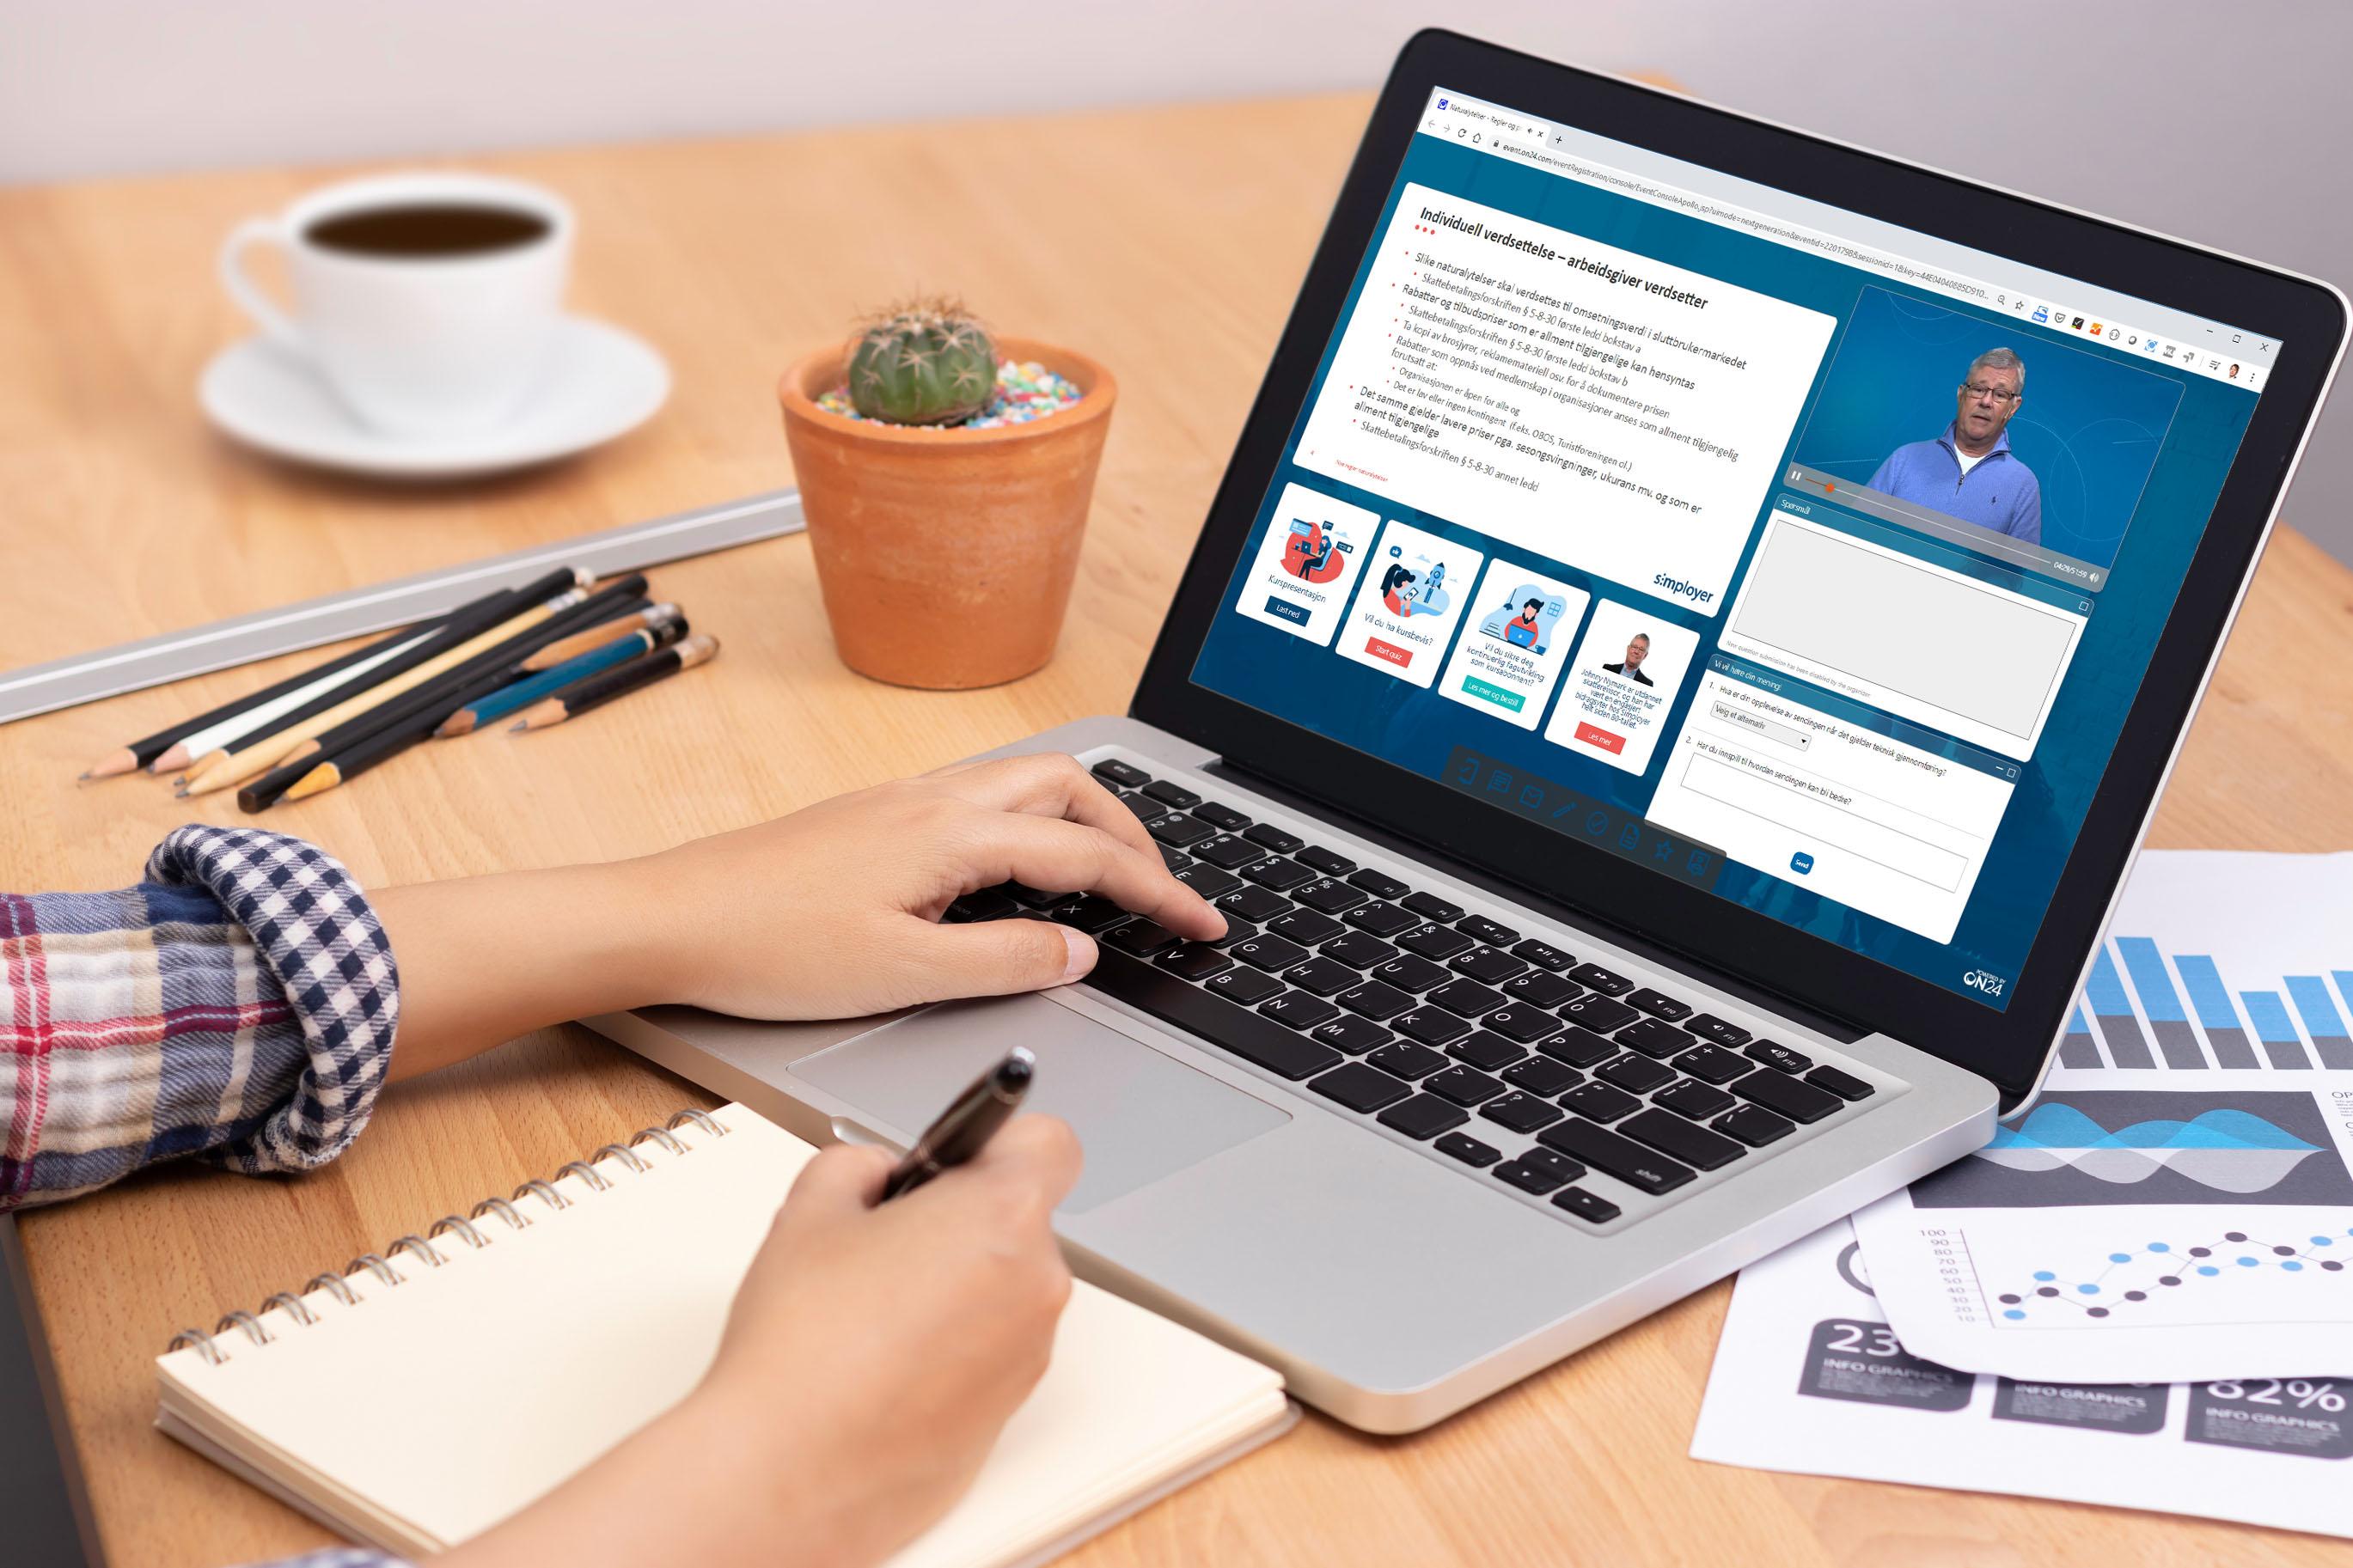 Koronakrisen: Digitale kurs forhindrer smitte og gir god læring